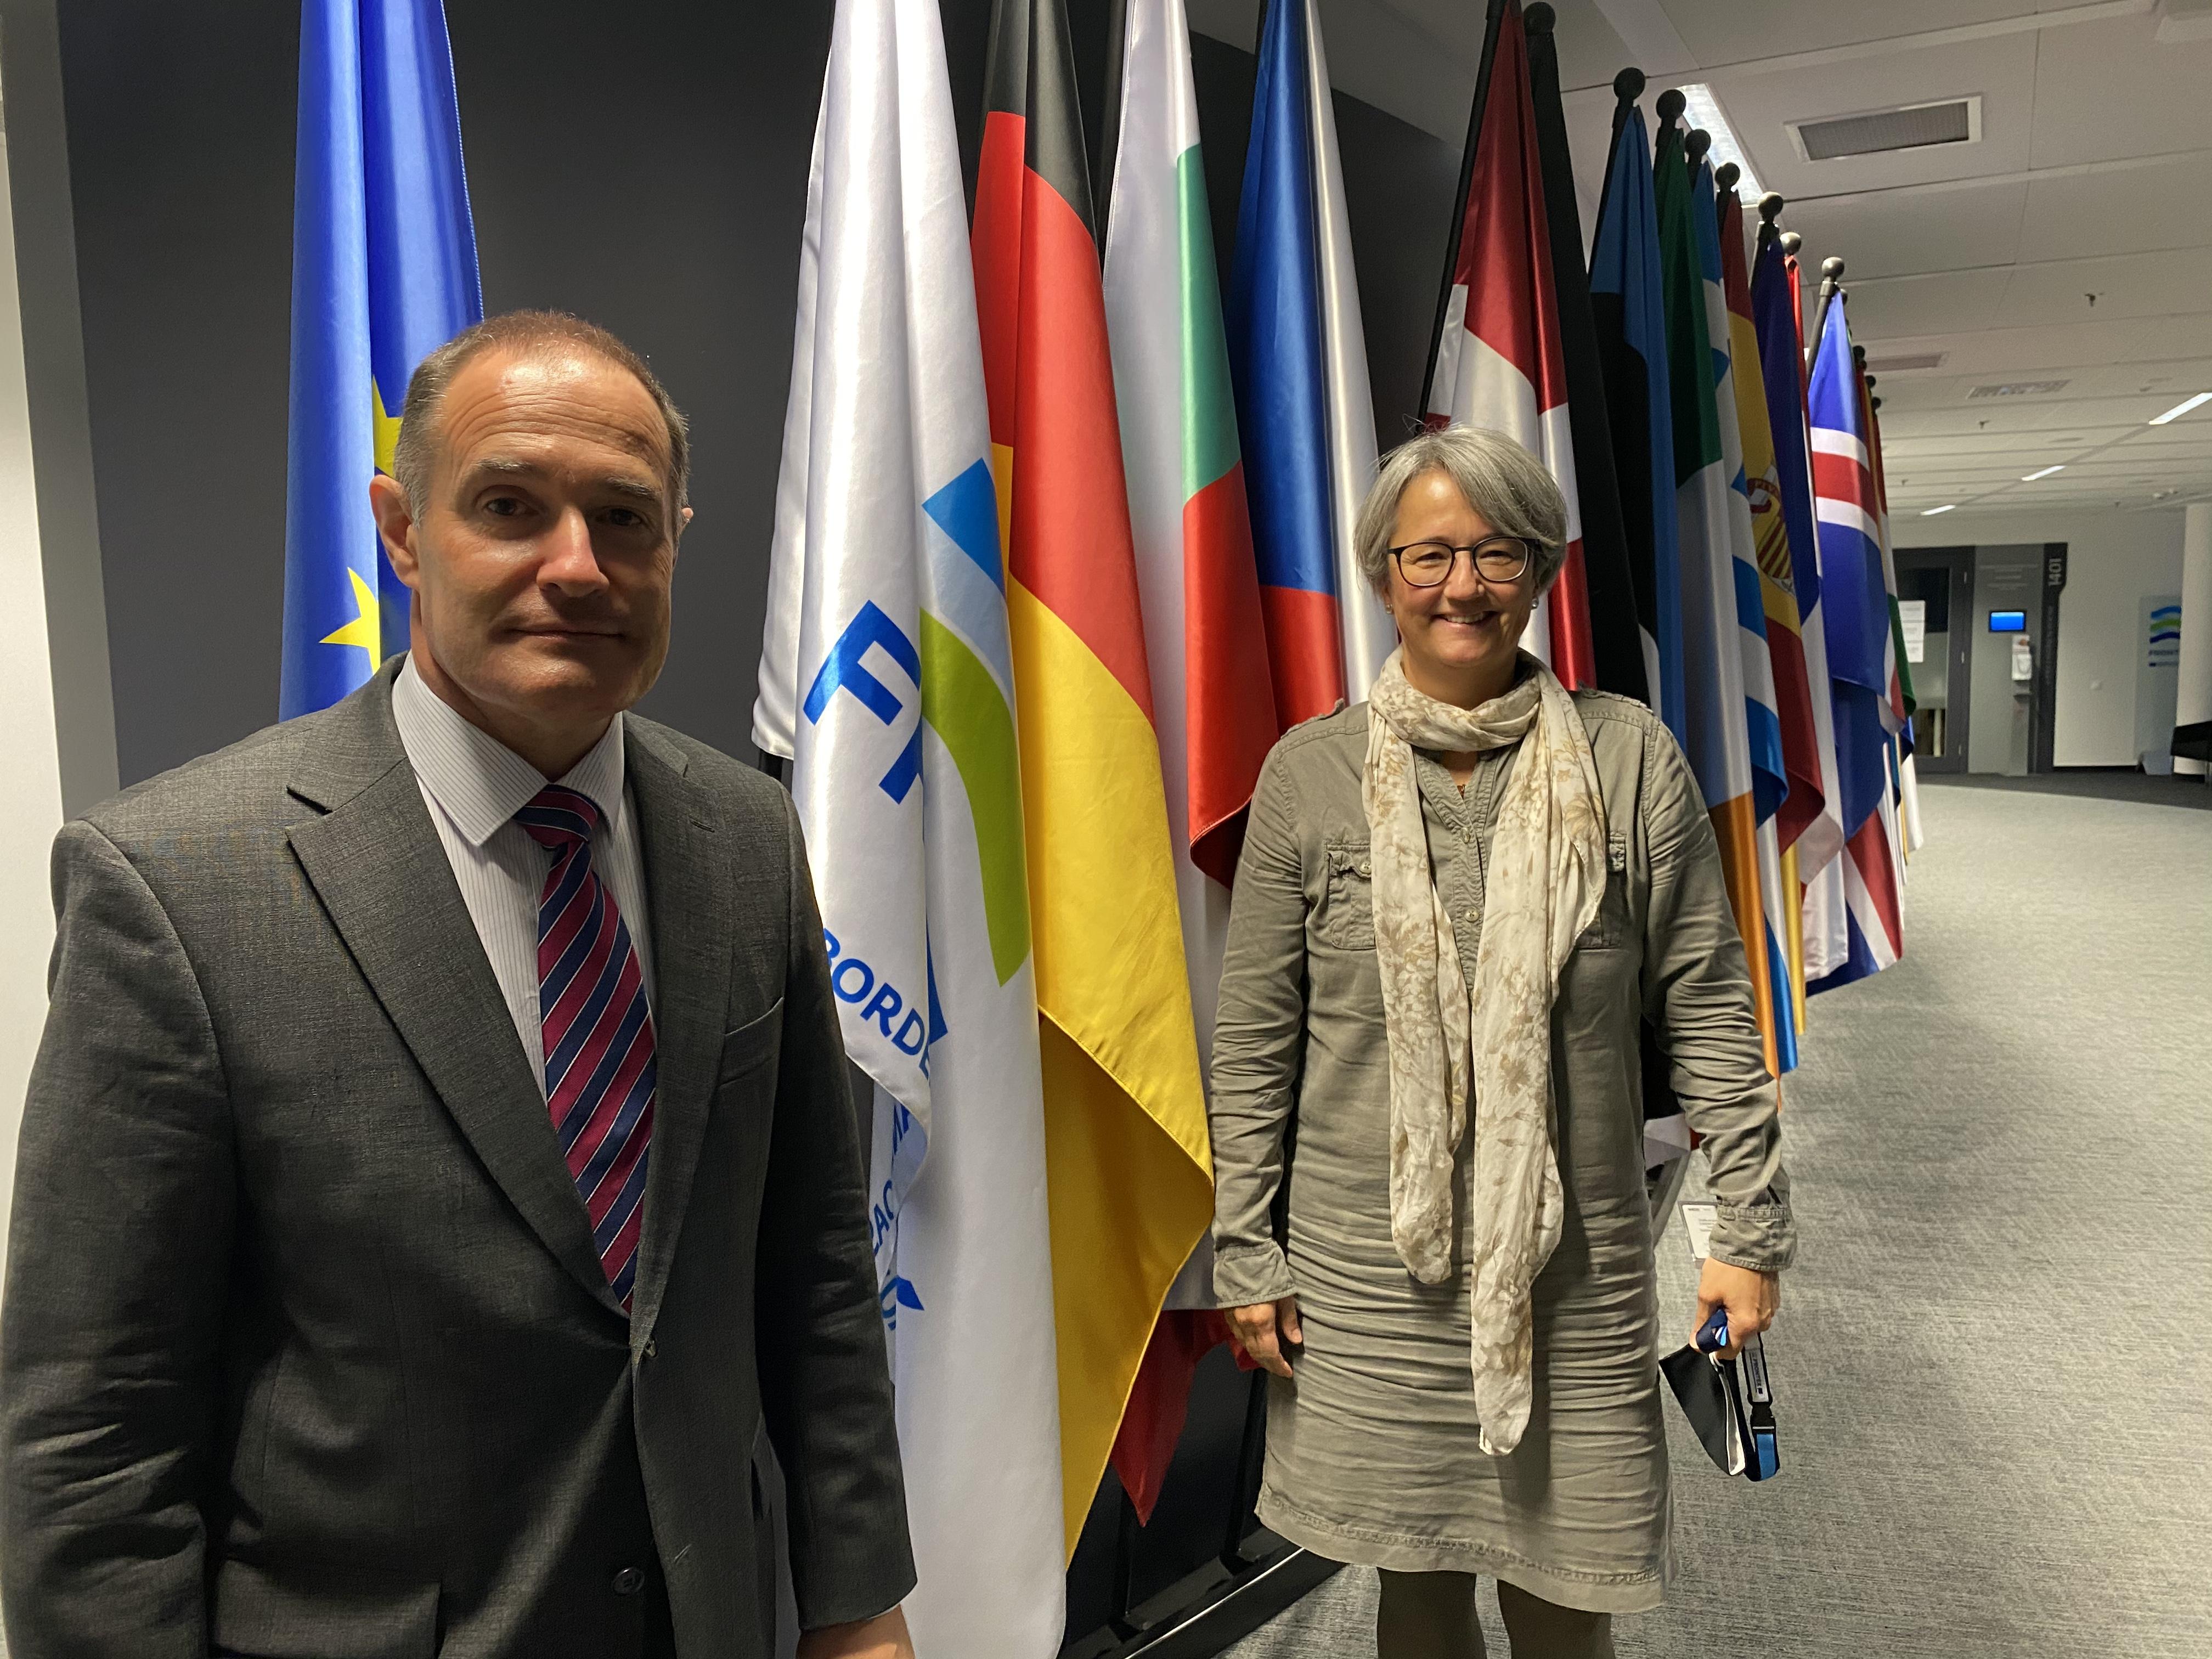 Die Uniform für das neue Standing Corps brachte sie zusammen: Frontex-Direktor Fabrice Leggeri und Andrea Rechtsteiner bei einem Treffen in Warschau.